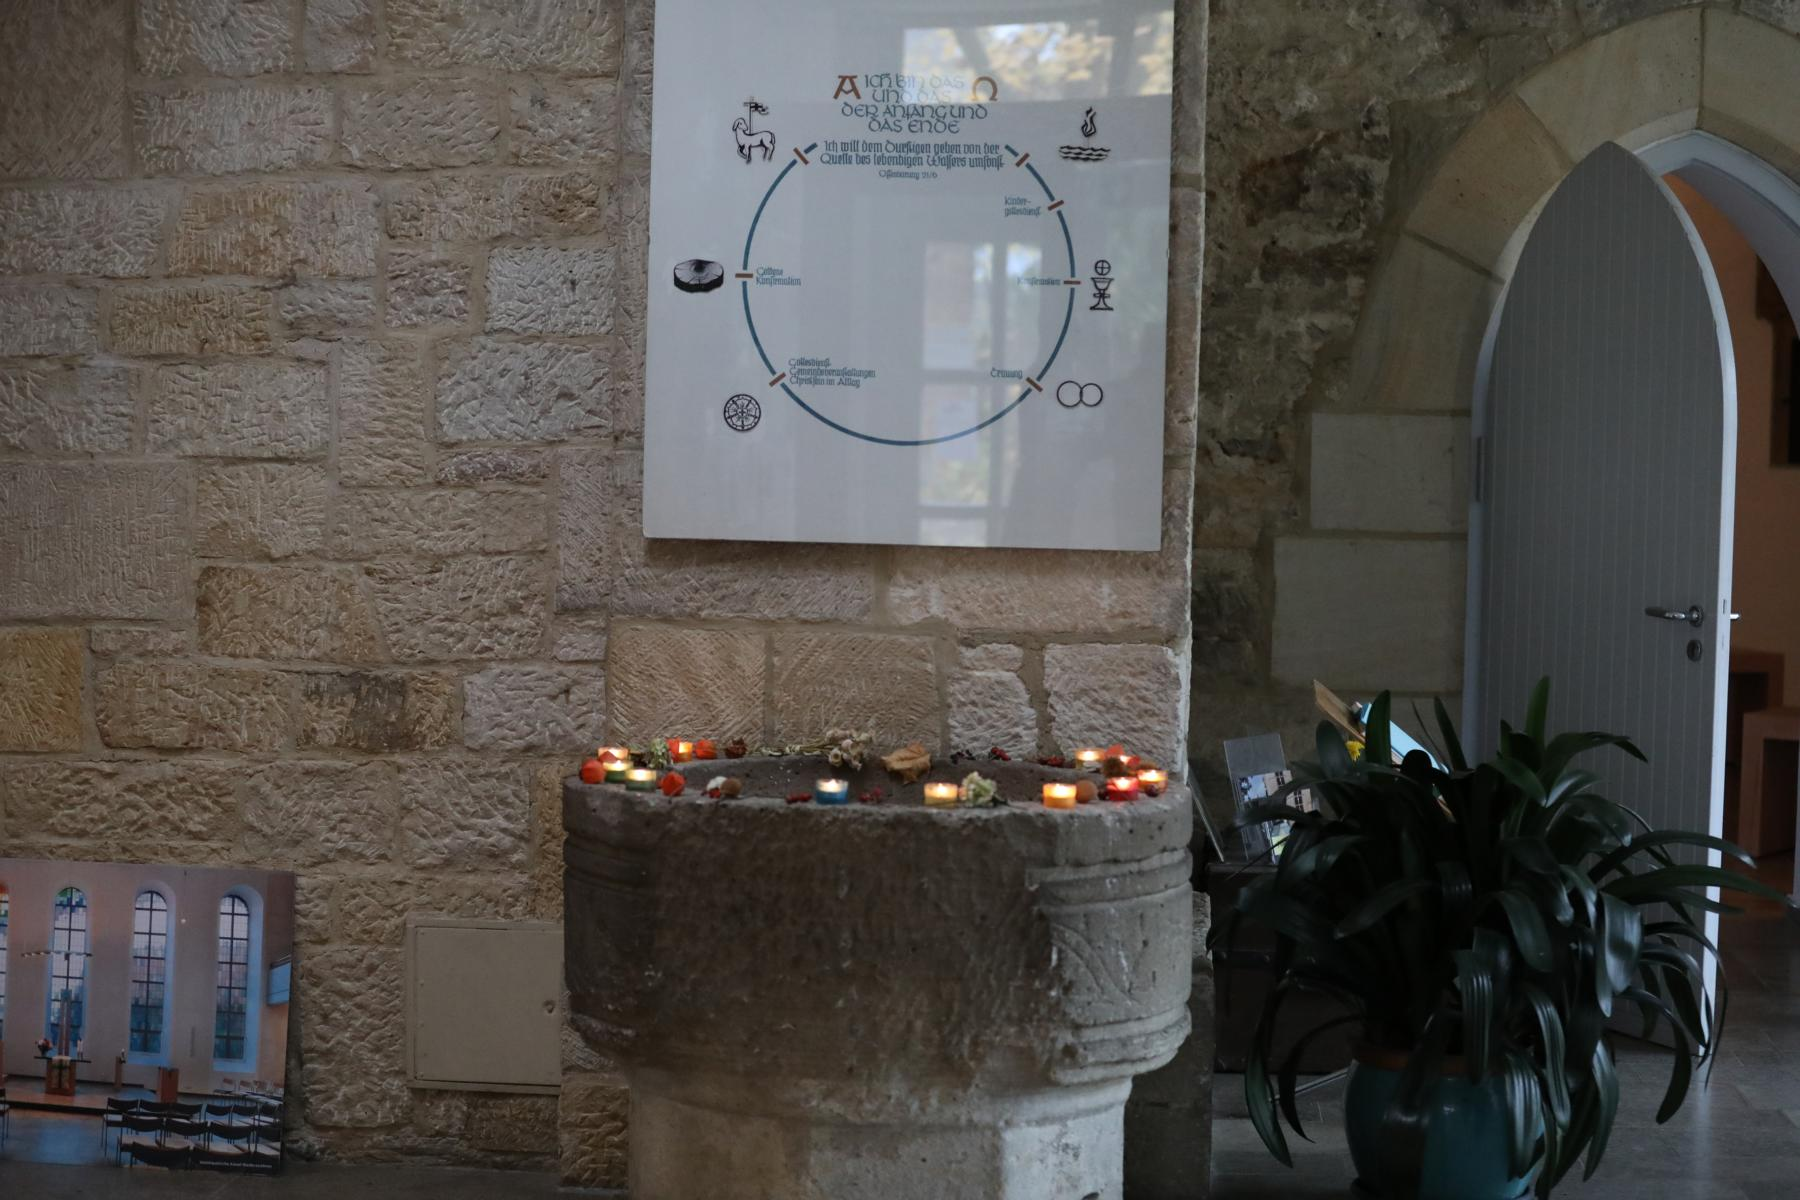 Ökumenischer Volkstrauertagsgottesdienst in der Matthäuskirche in KASSEL-NIEDERZWEHREN